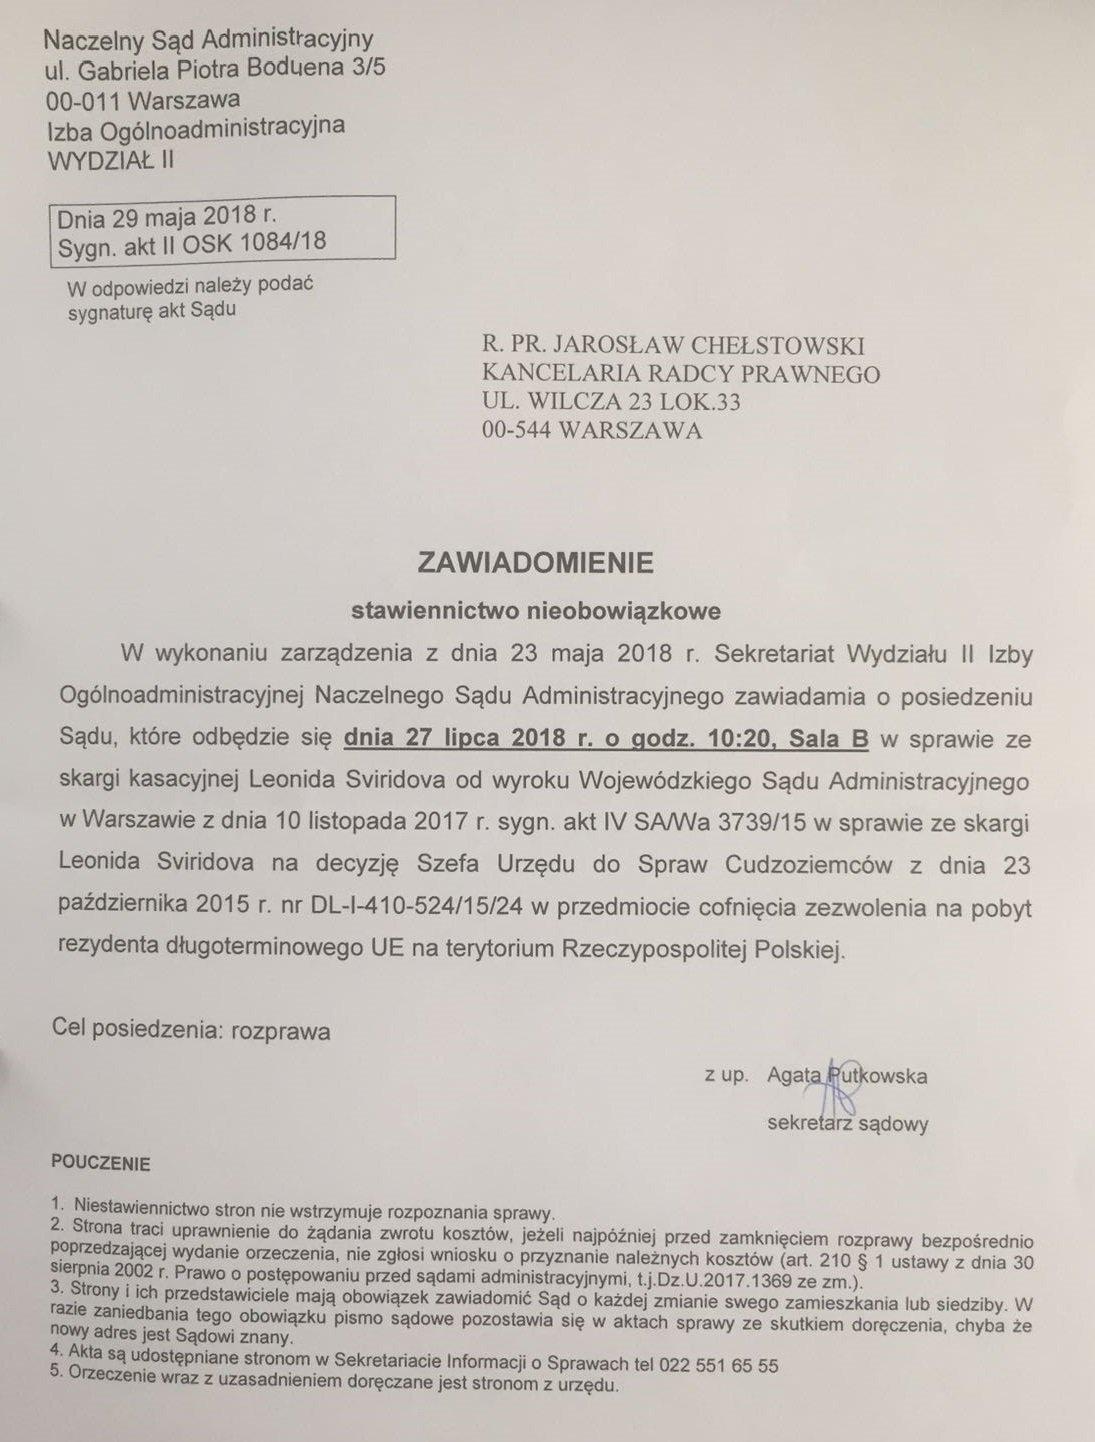 Naczelny Sąd Administracyjny - Zawiadomienie o posiedzeniu w dn. 27 lipca 2018 r. Sprawa Leonida Swiridowa. Sygn. akt II OSK 1084/18